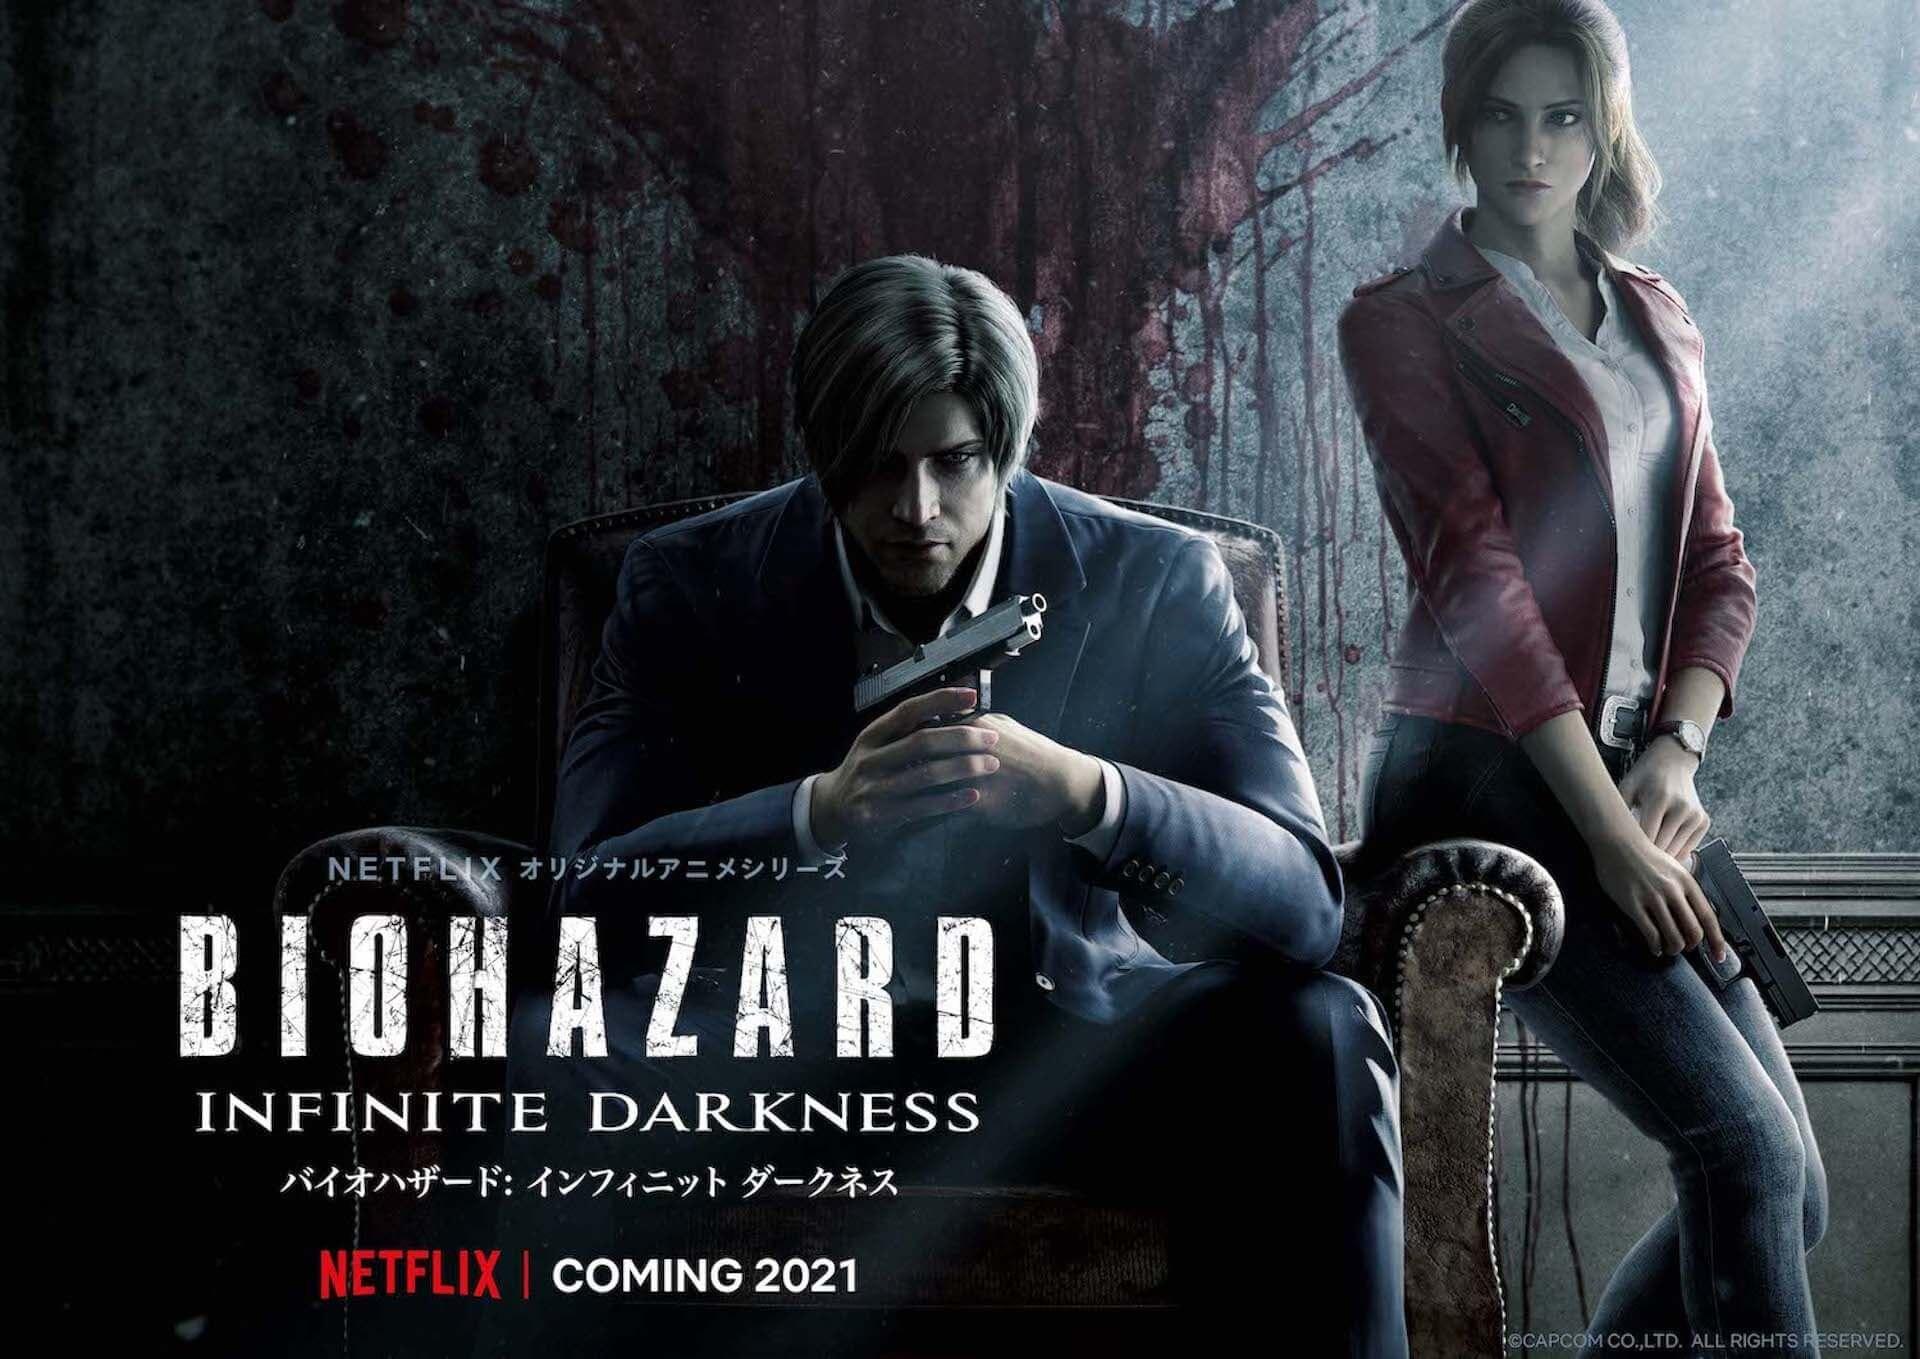 『バイオハザード』初の連続CGドラマ『BIOHAZARD:Infinite Darkness』がNetflixで独占配信決定!ティザービジュアル&PVも解禁 art200928_biohazard-anime_1-1920x1359